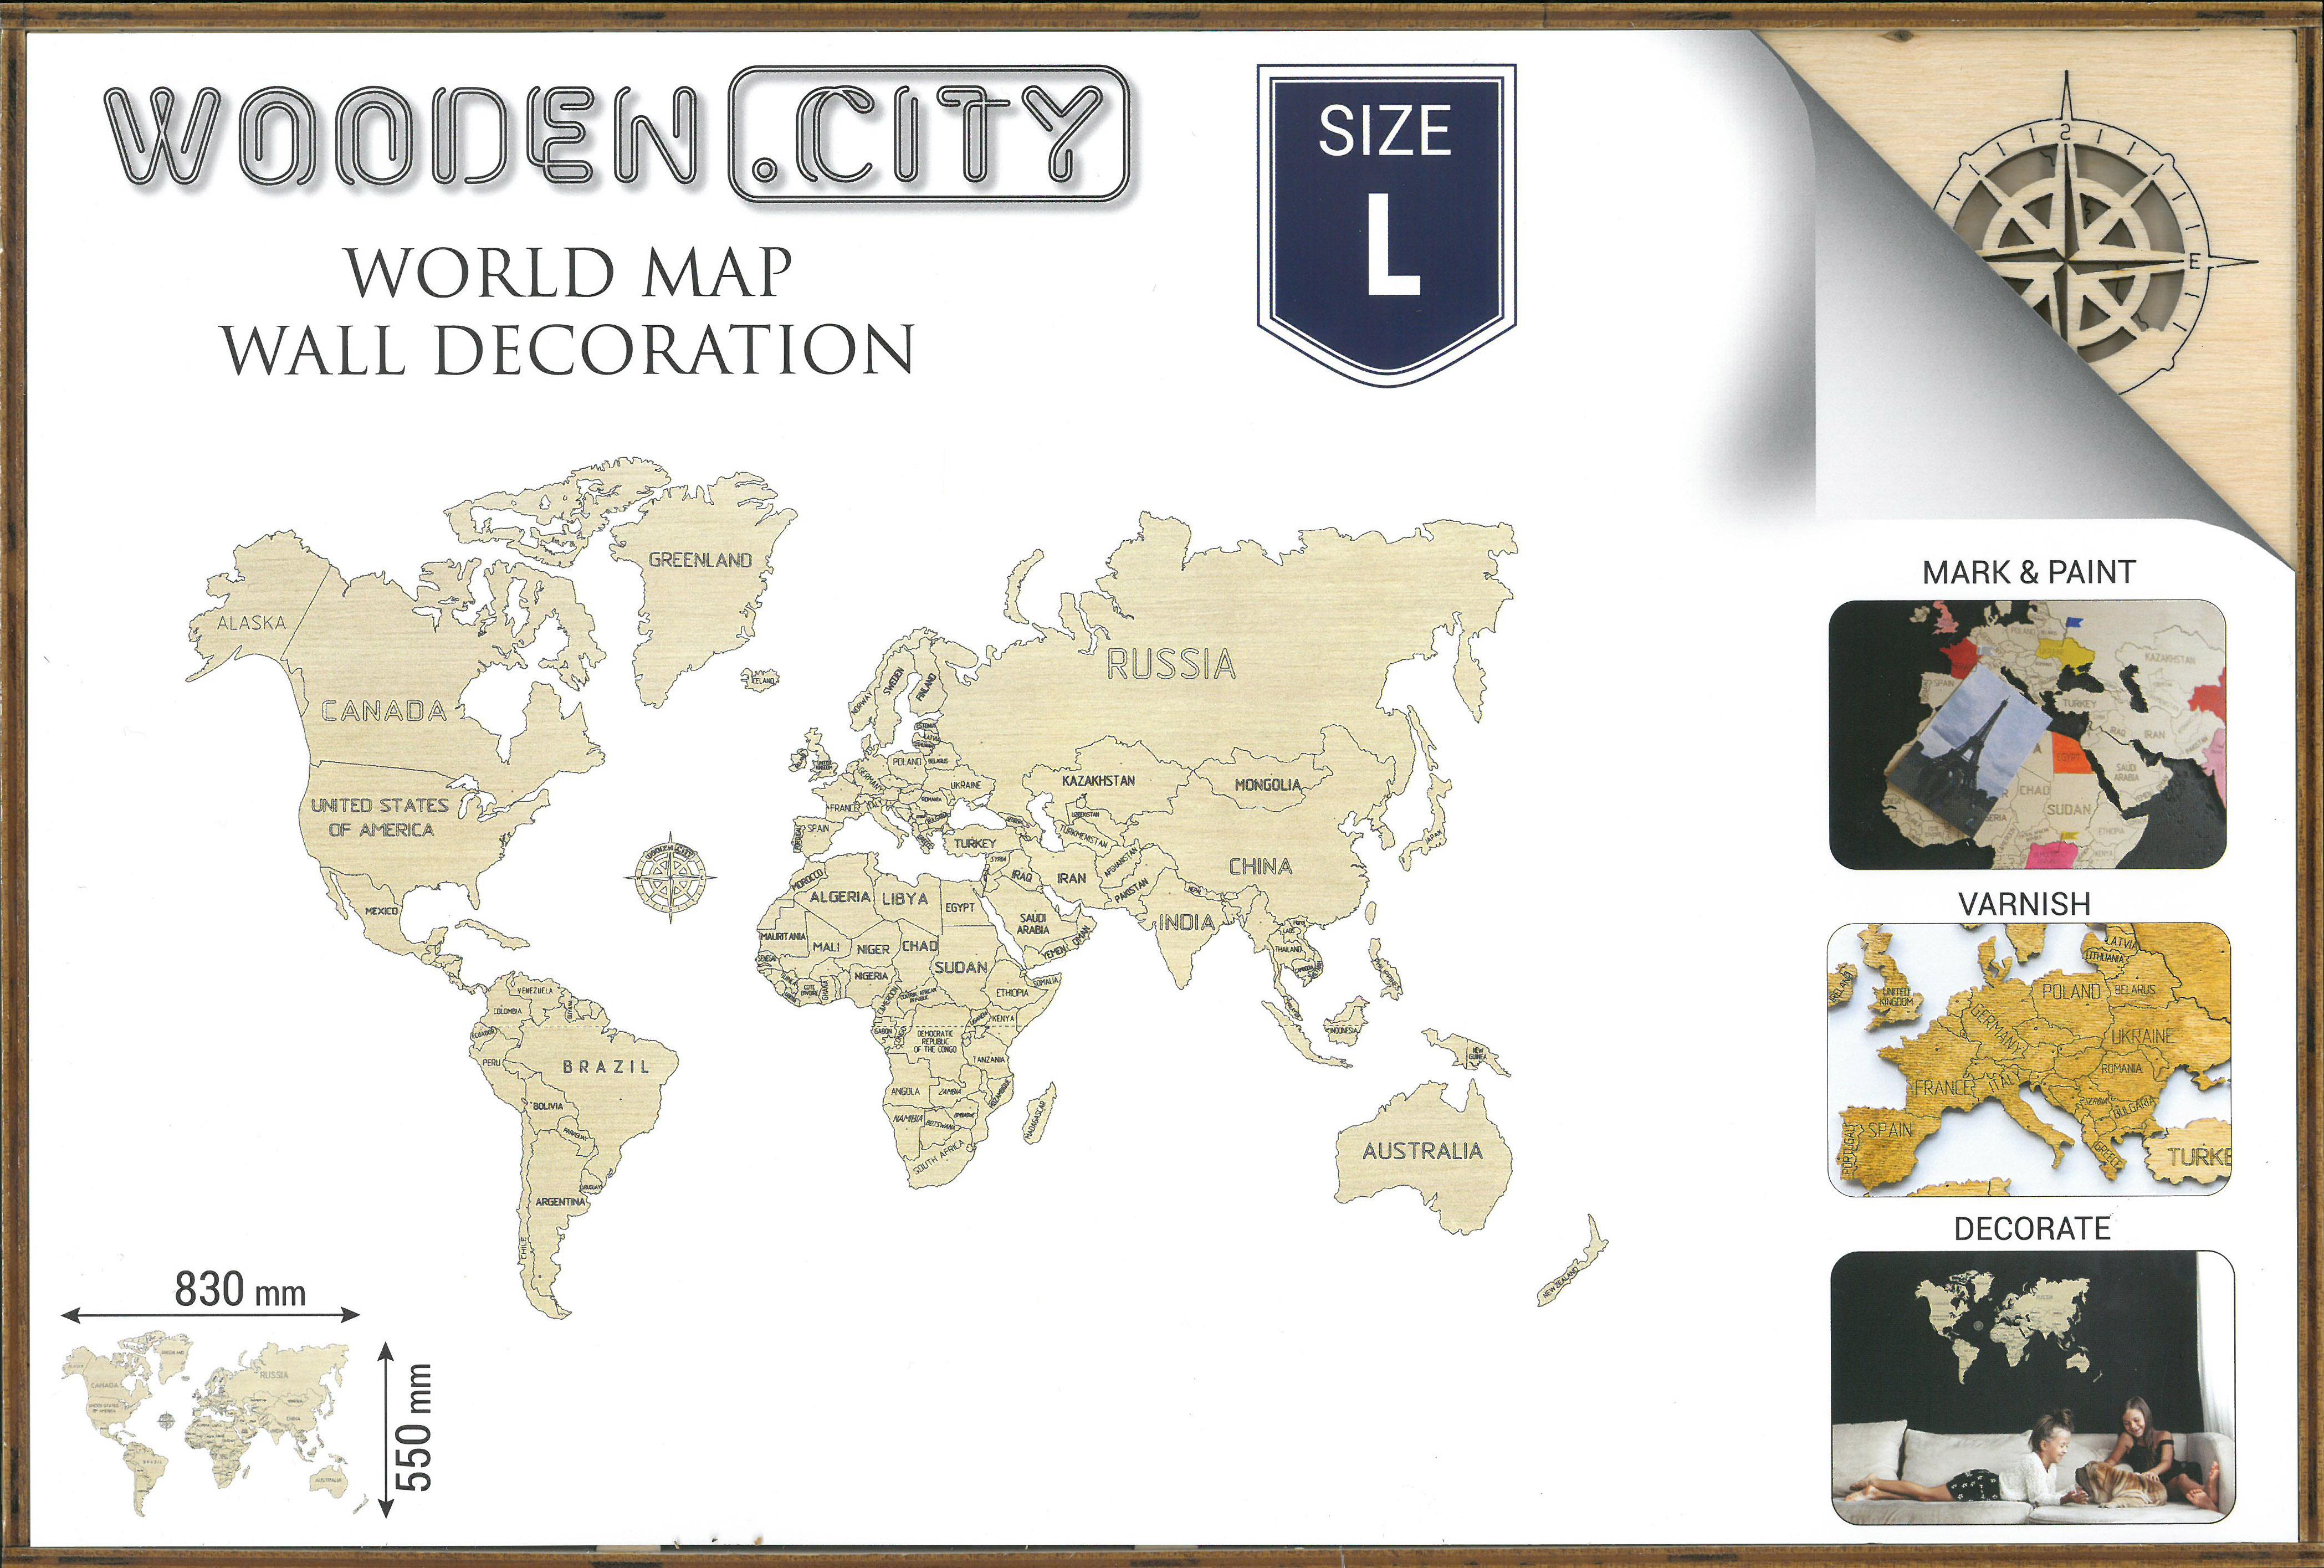 Craenen: Wooden City